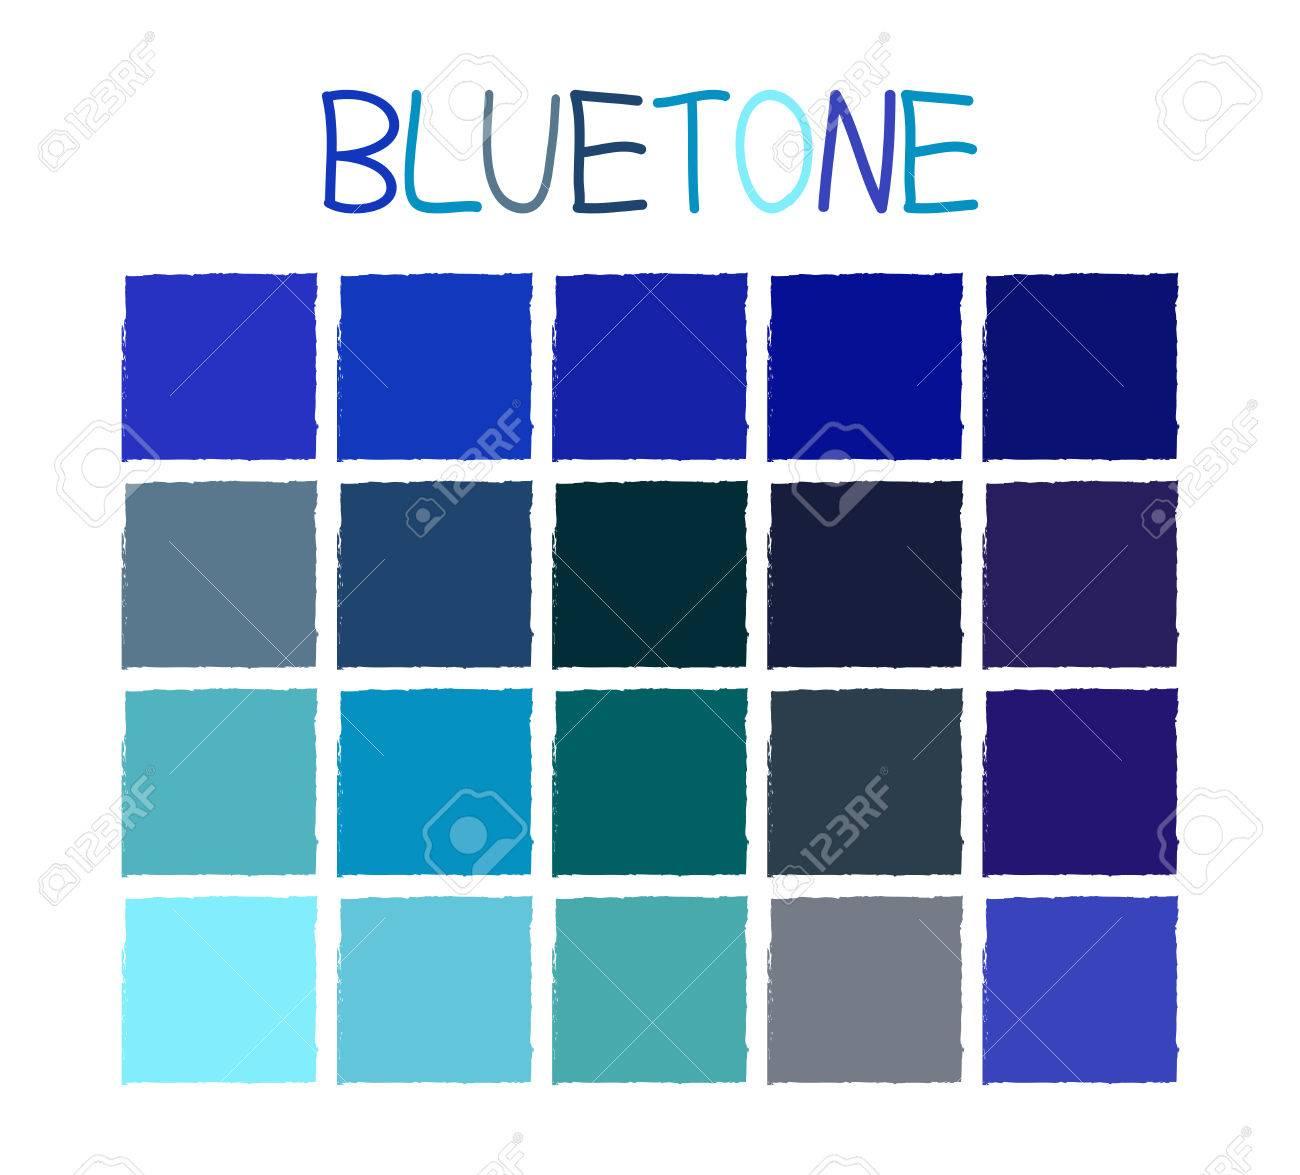 bluetone 色調名ベクトル図なし ロイヤリティフリークリップアート